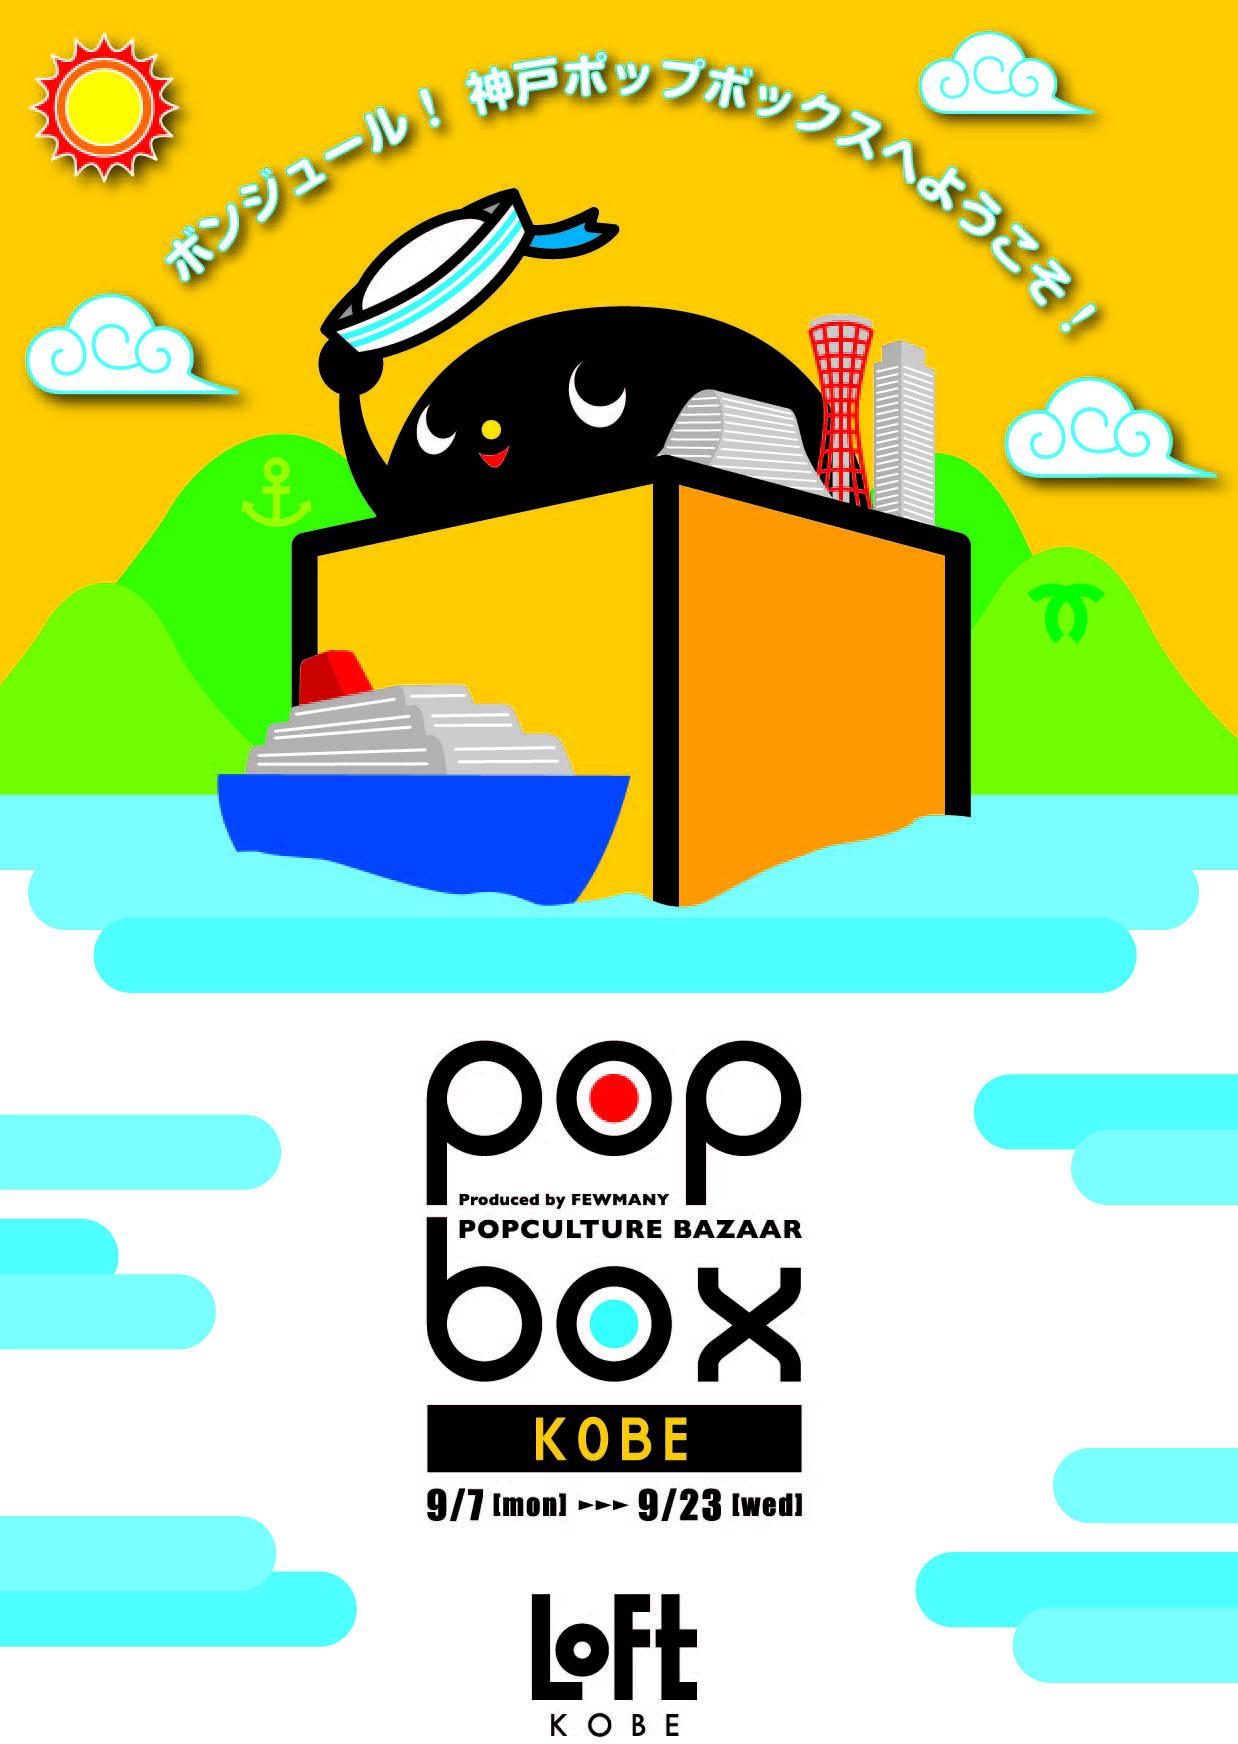 神戸ロフトPOPBOX開催のお知らせ!_f0010033_19104459.jpg